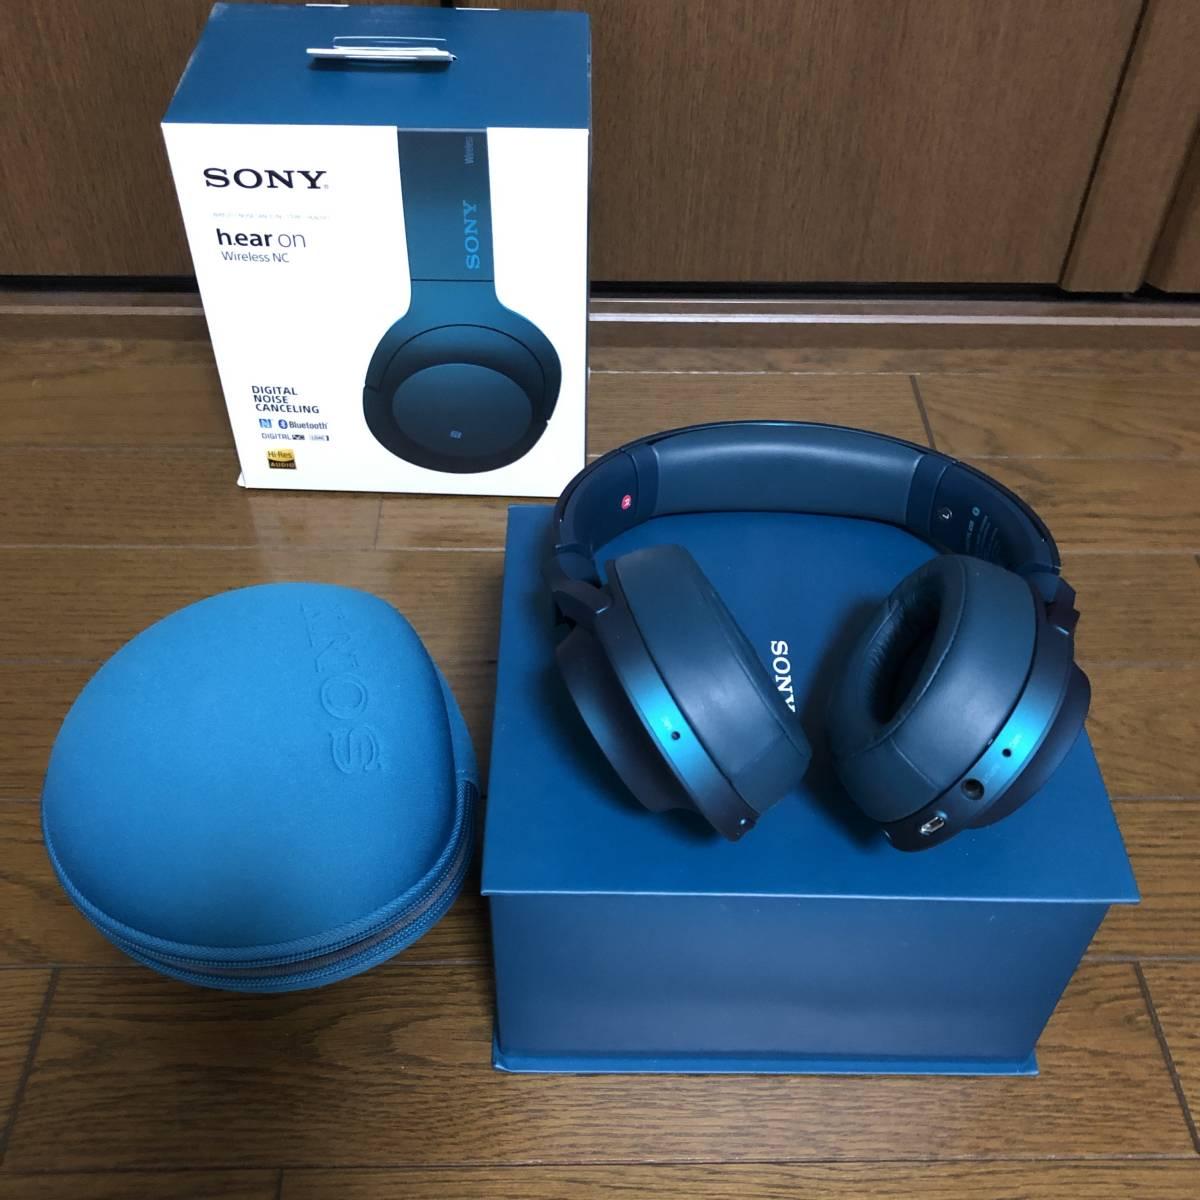 ソニー SONY ワイヤレスノイズキャンセリングヘッドホン h.ear on Wireless MDR-100ABN_画像2